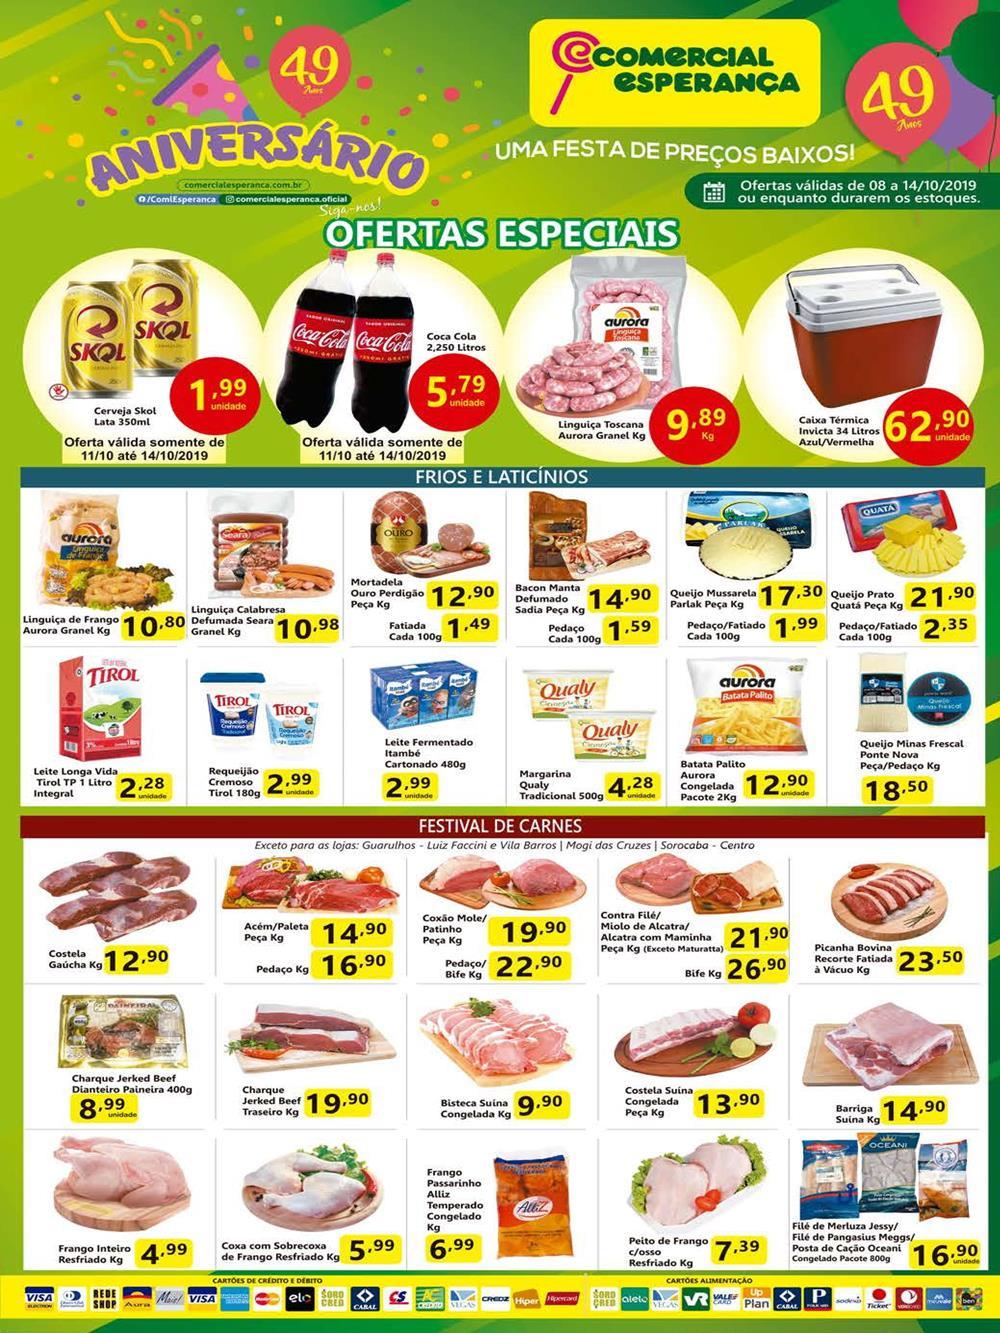 Esperanca-Ofertas-Folheto1 Ofertas de supermercados - Black Friday 2019